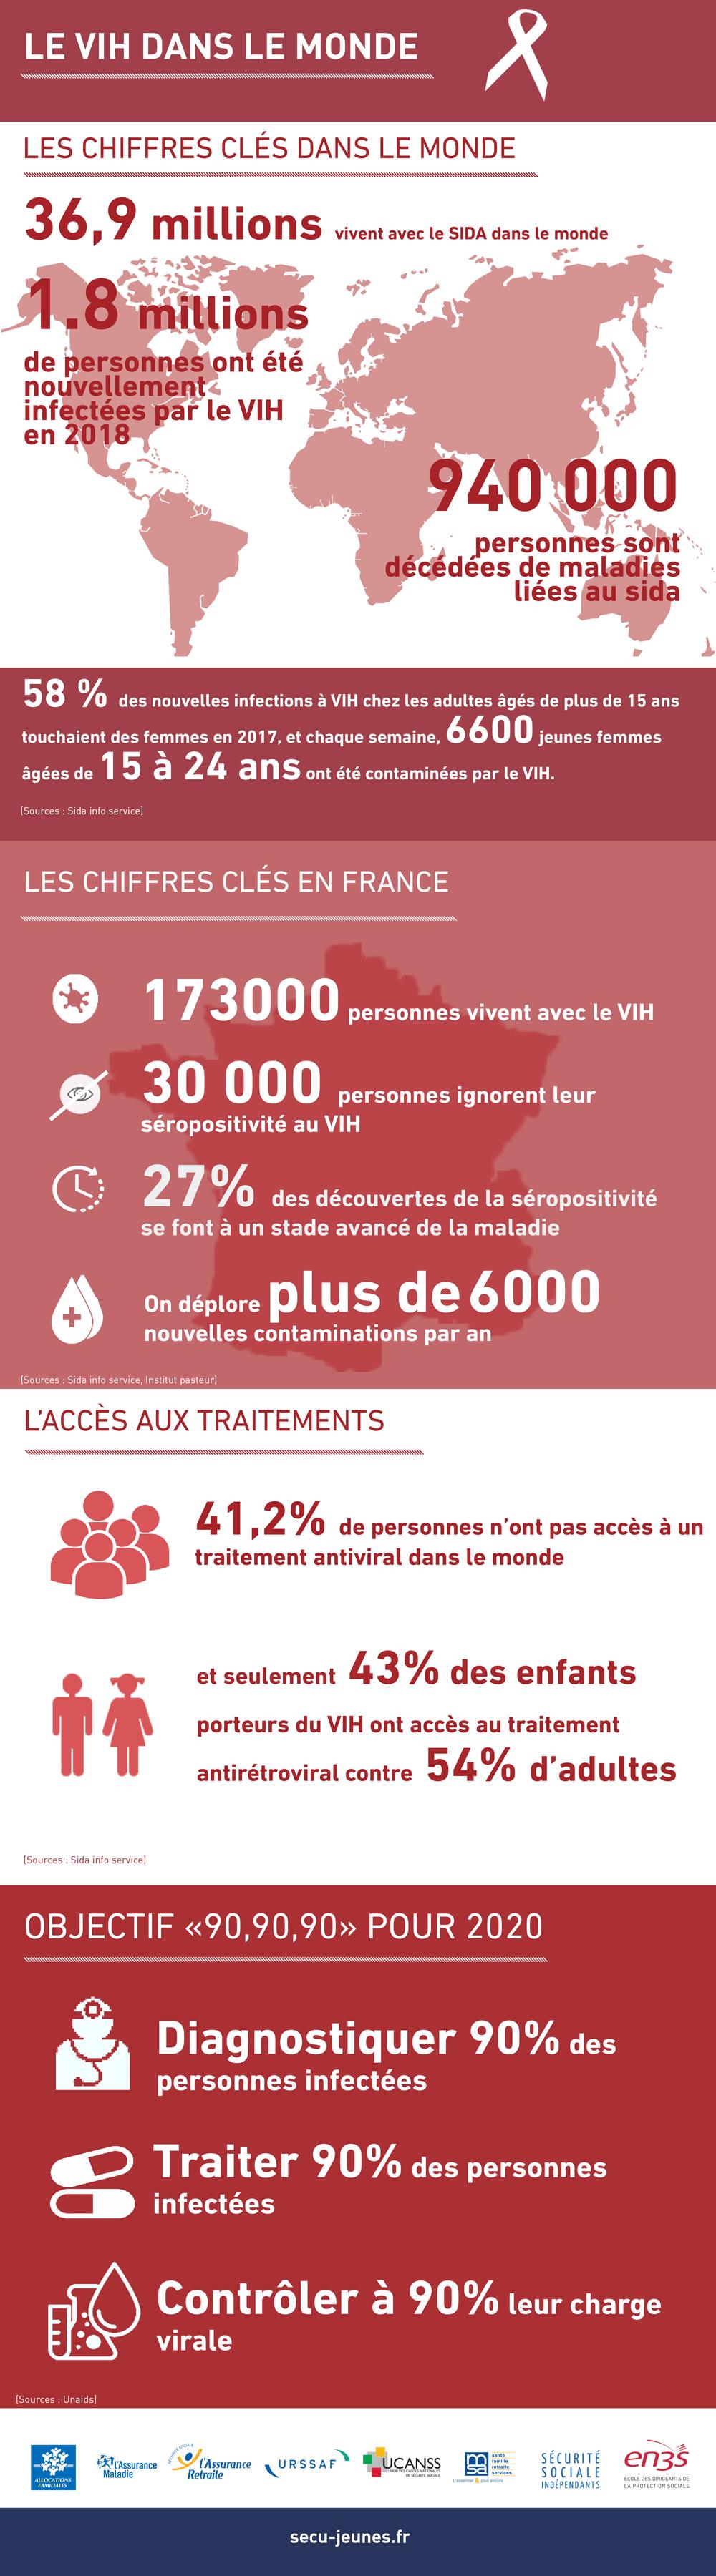 Quelques chiffres clés pour comprendre l'importance de la lutte contre le sida